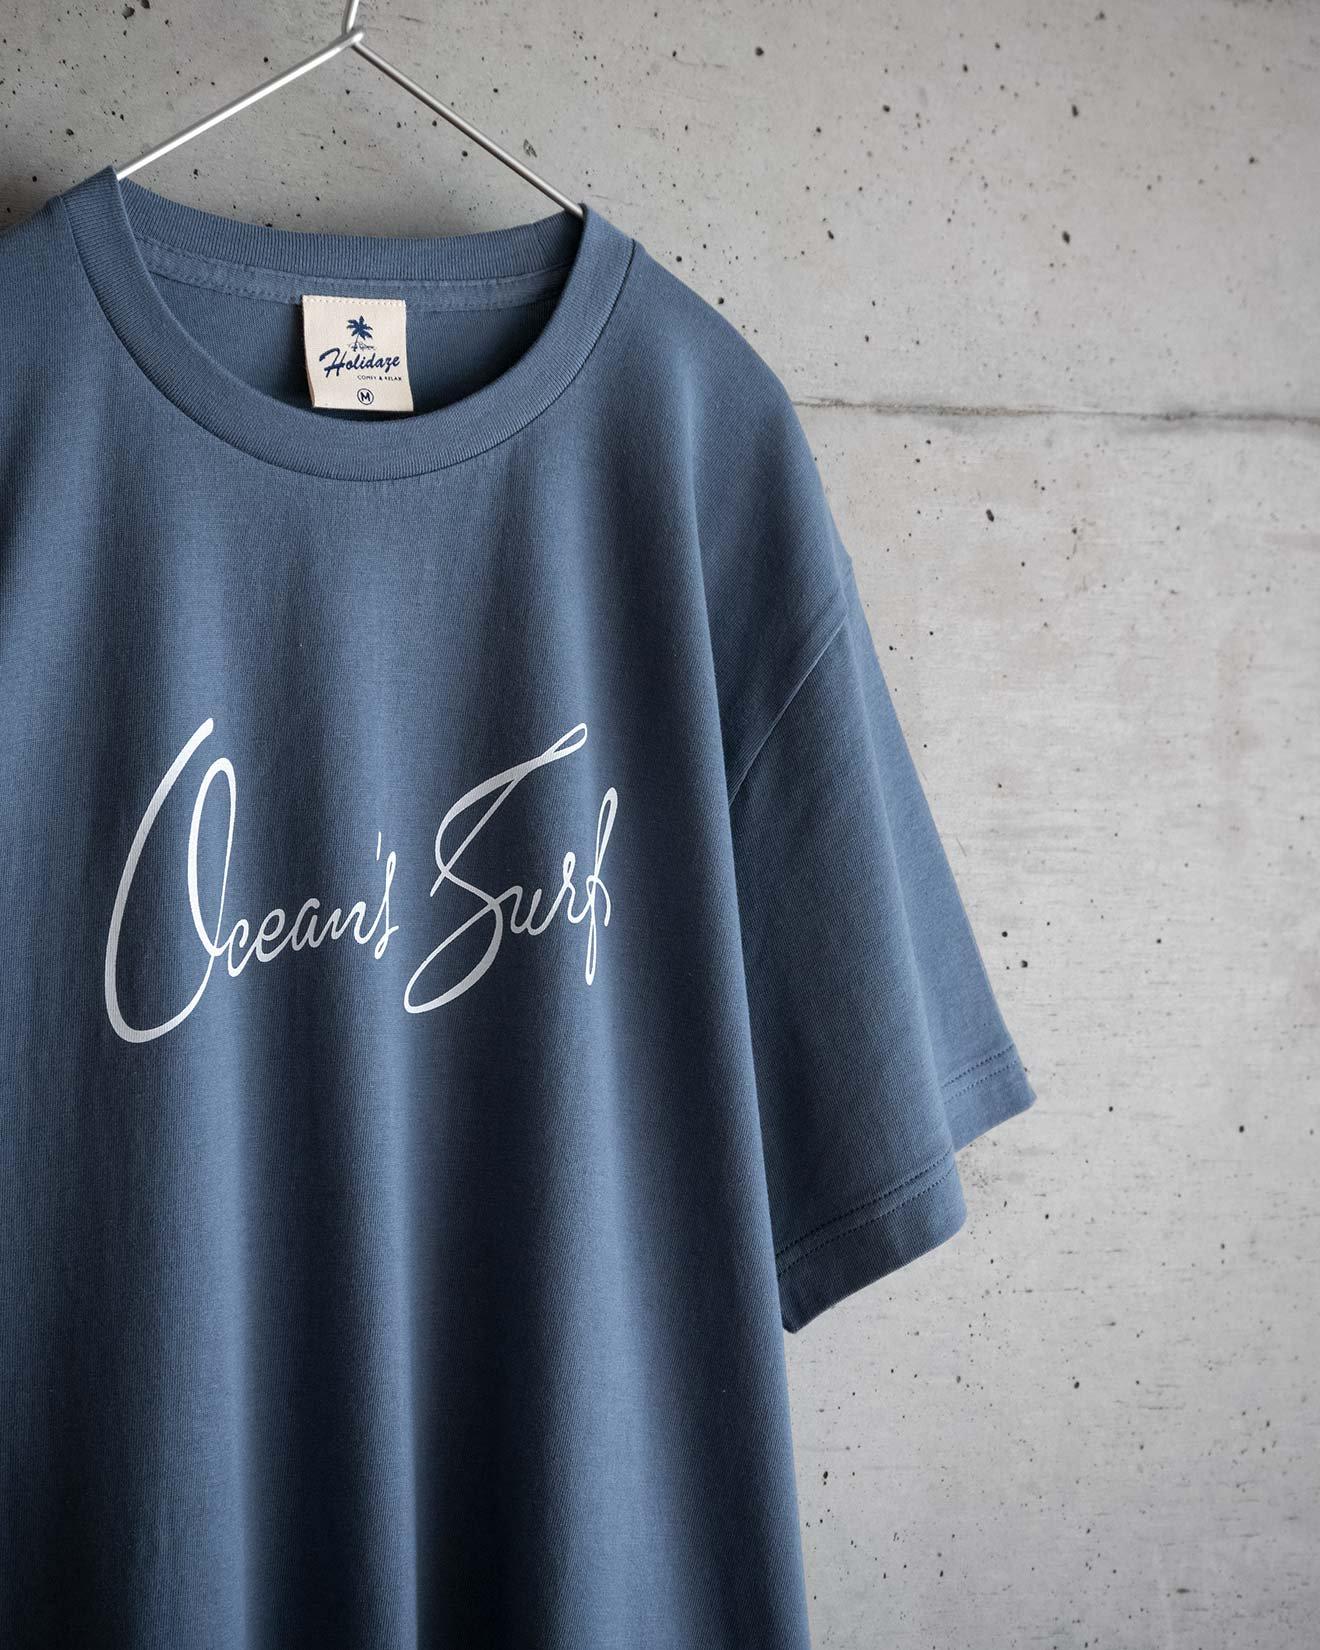 ハワイアン OCEAN'S SURF Tシャツ